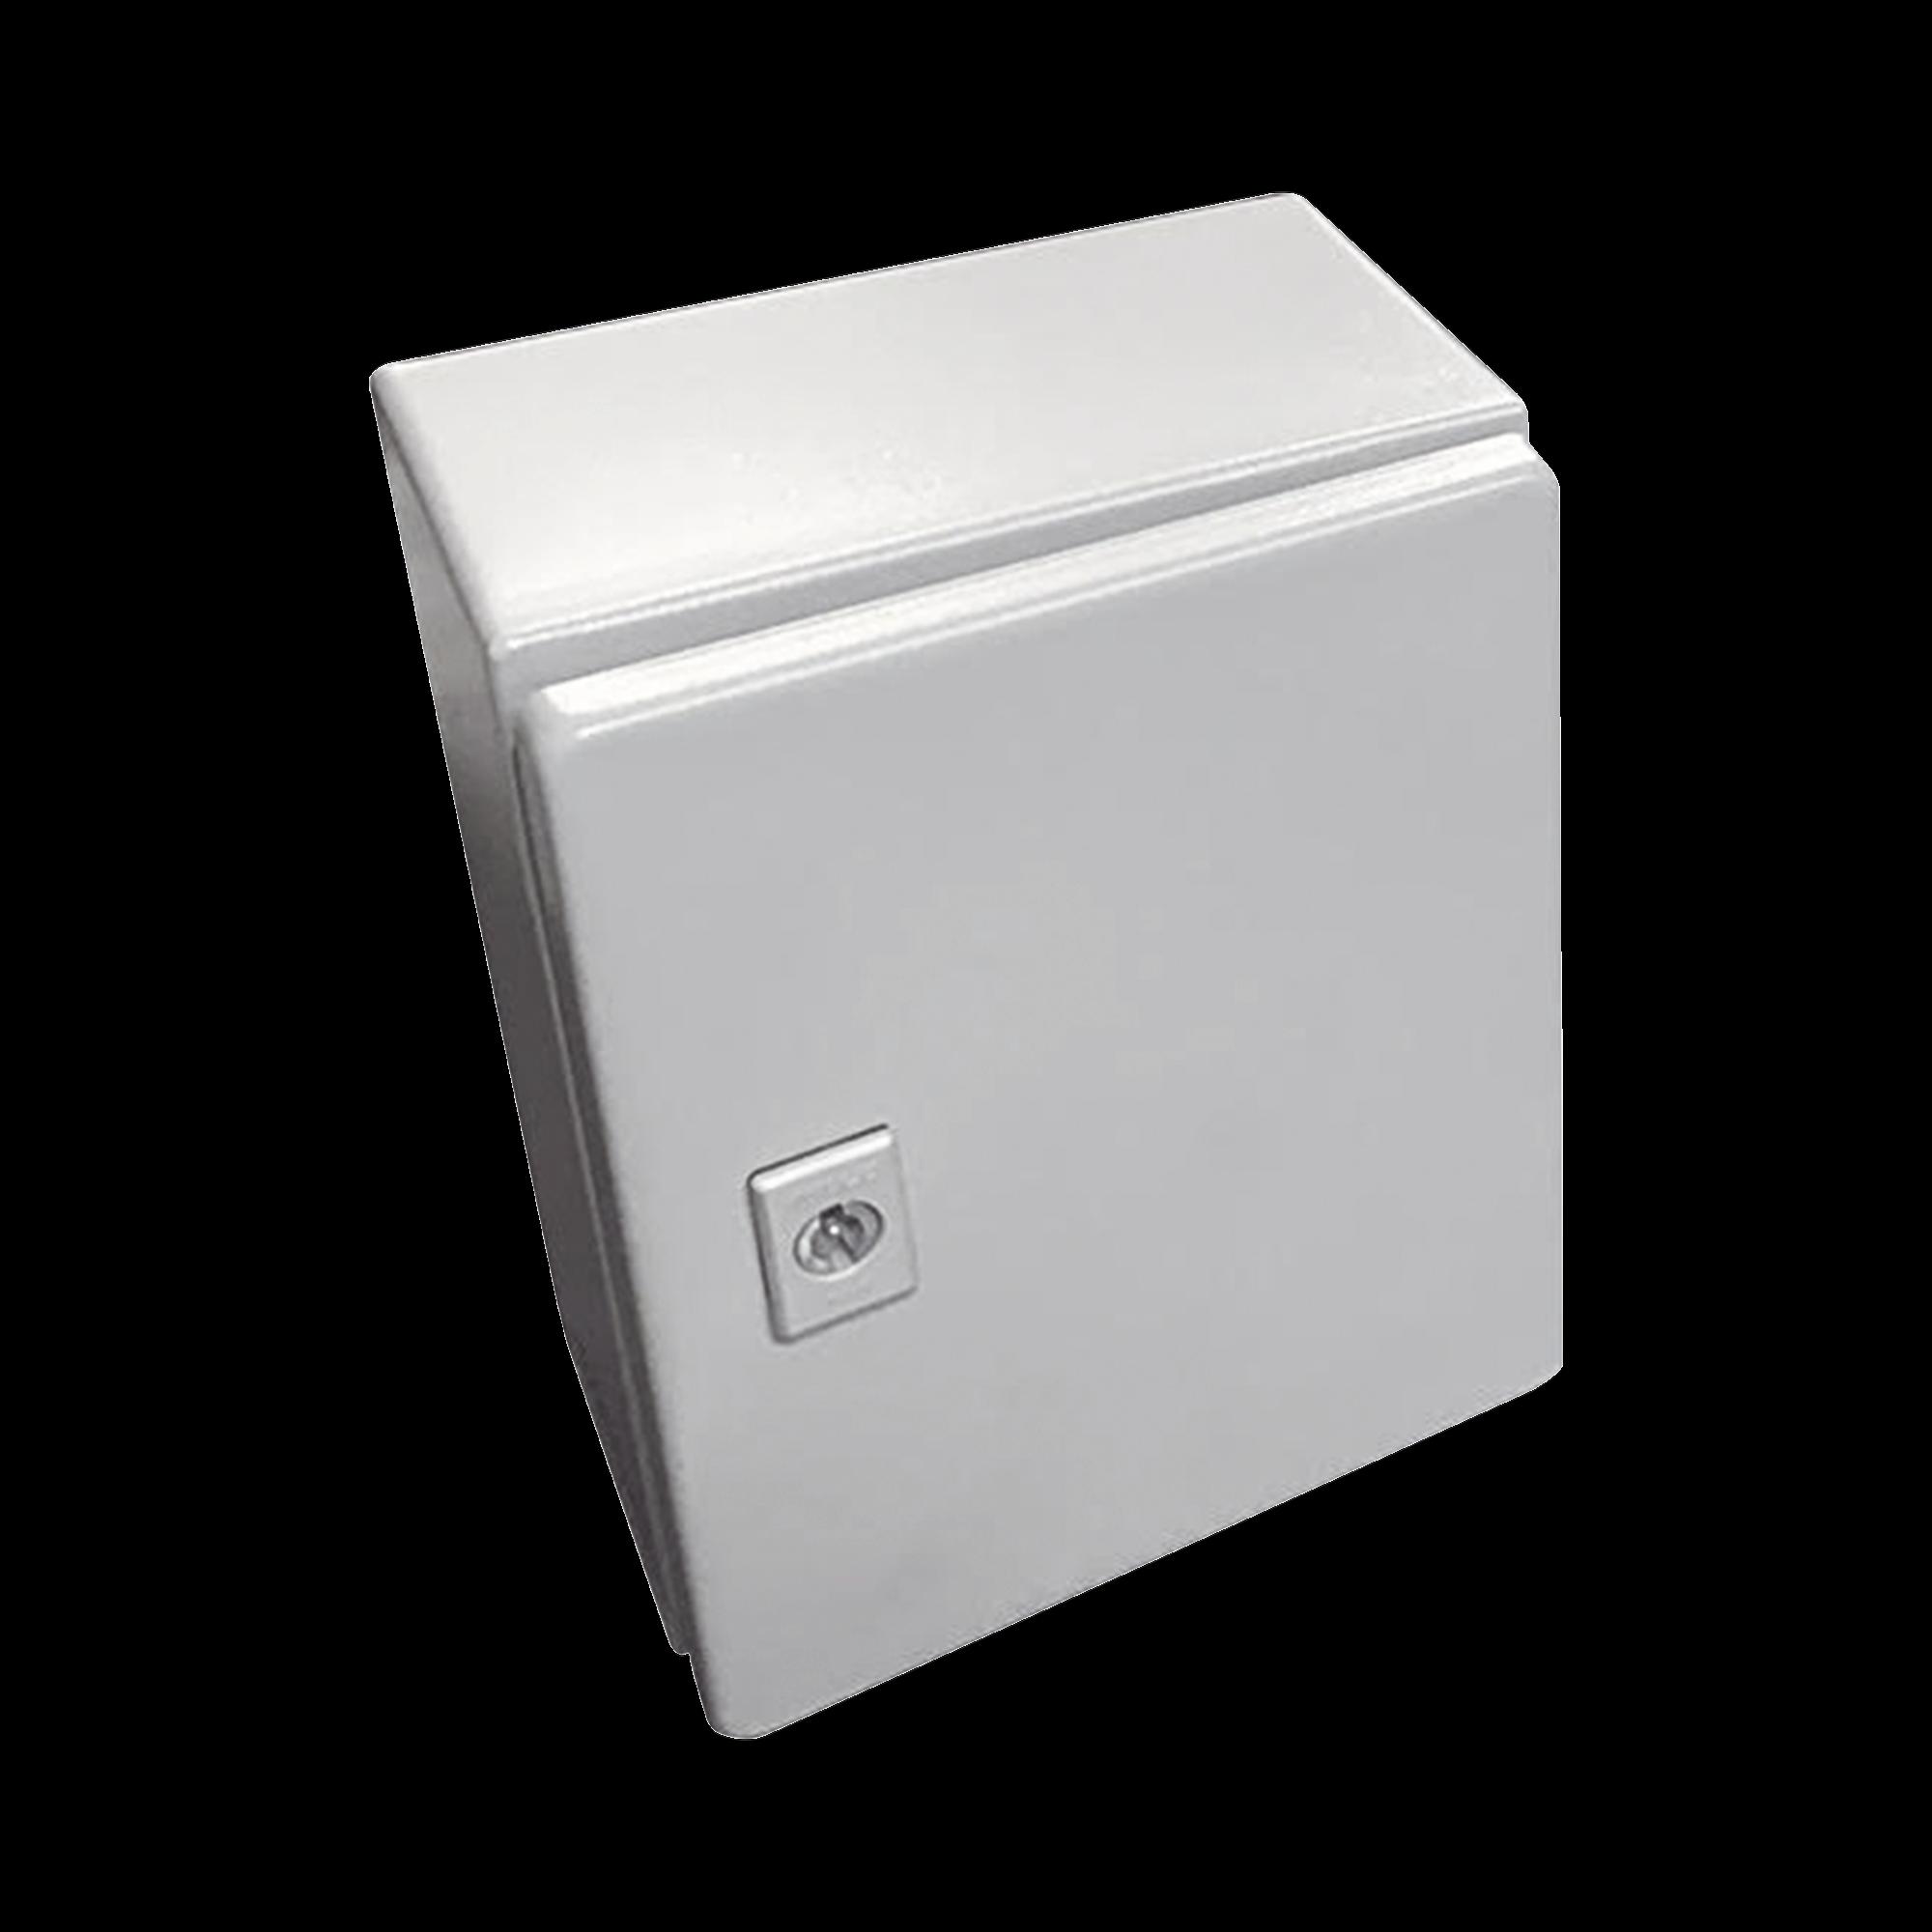 Gabinete Nema 4 -IP 66 de 40 x 30 x 20 cm con Platina y certificado UL.